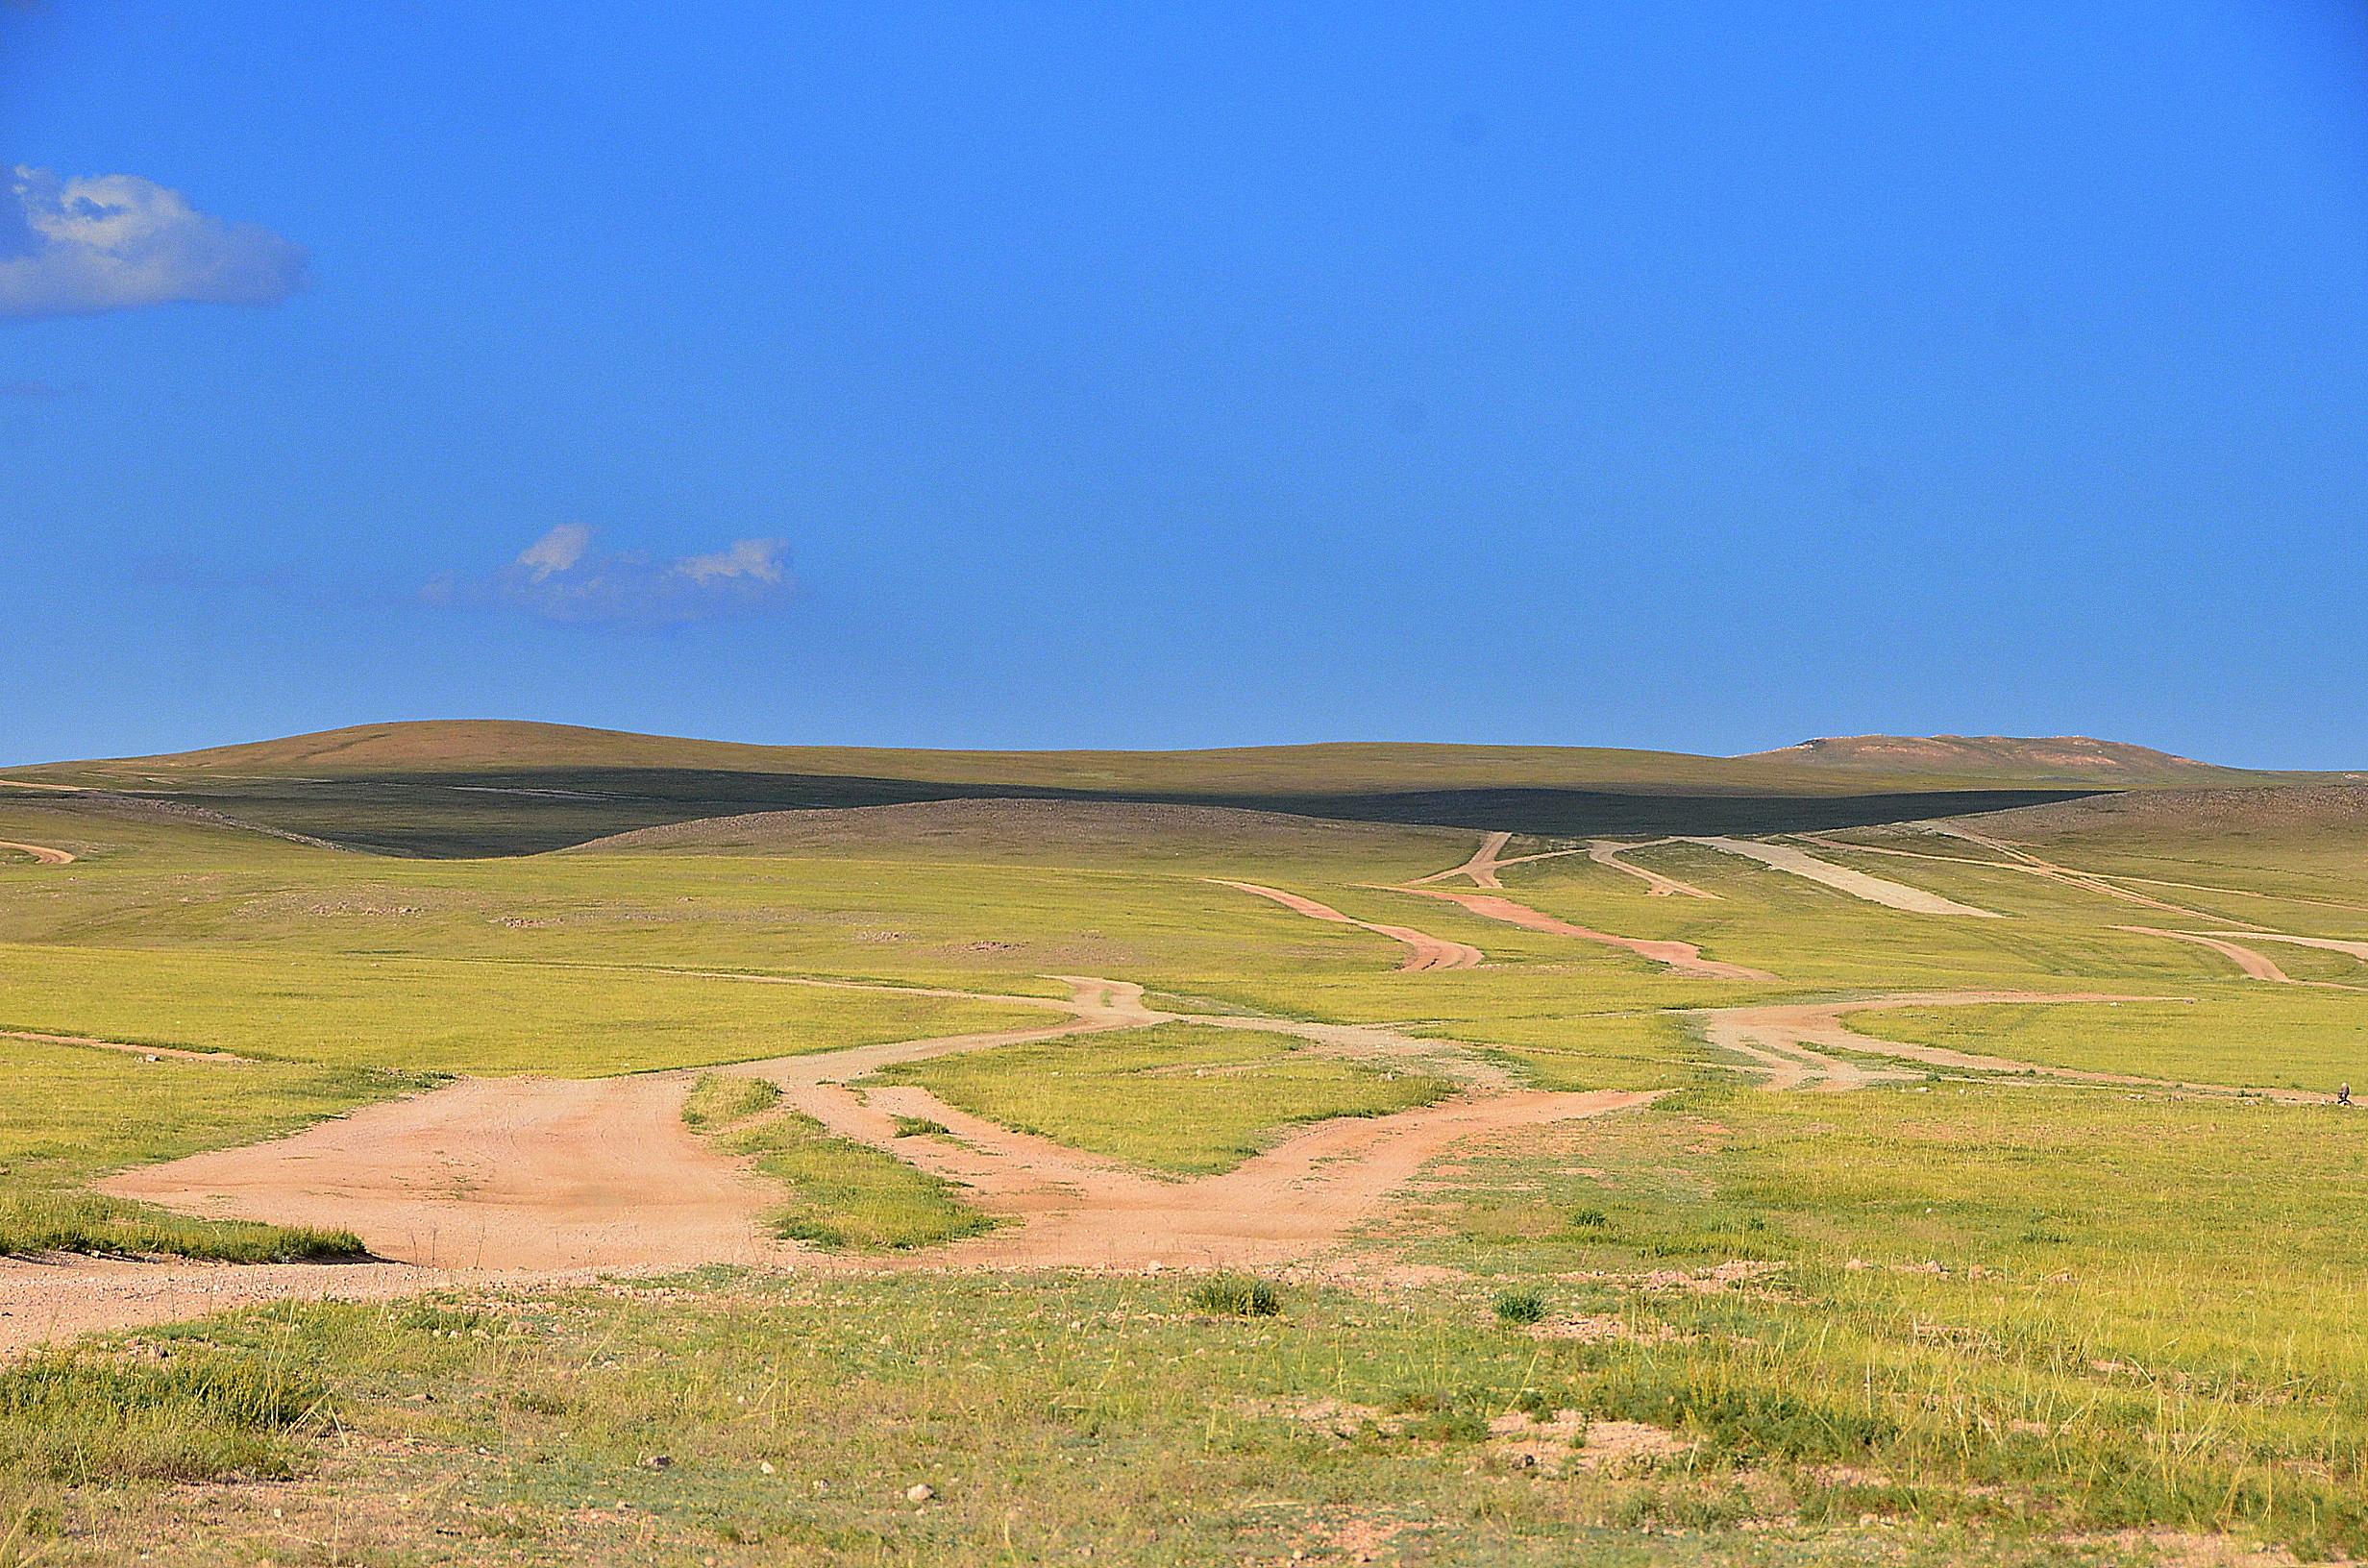 Mongol roads